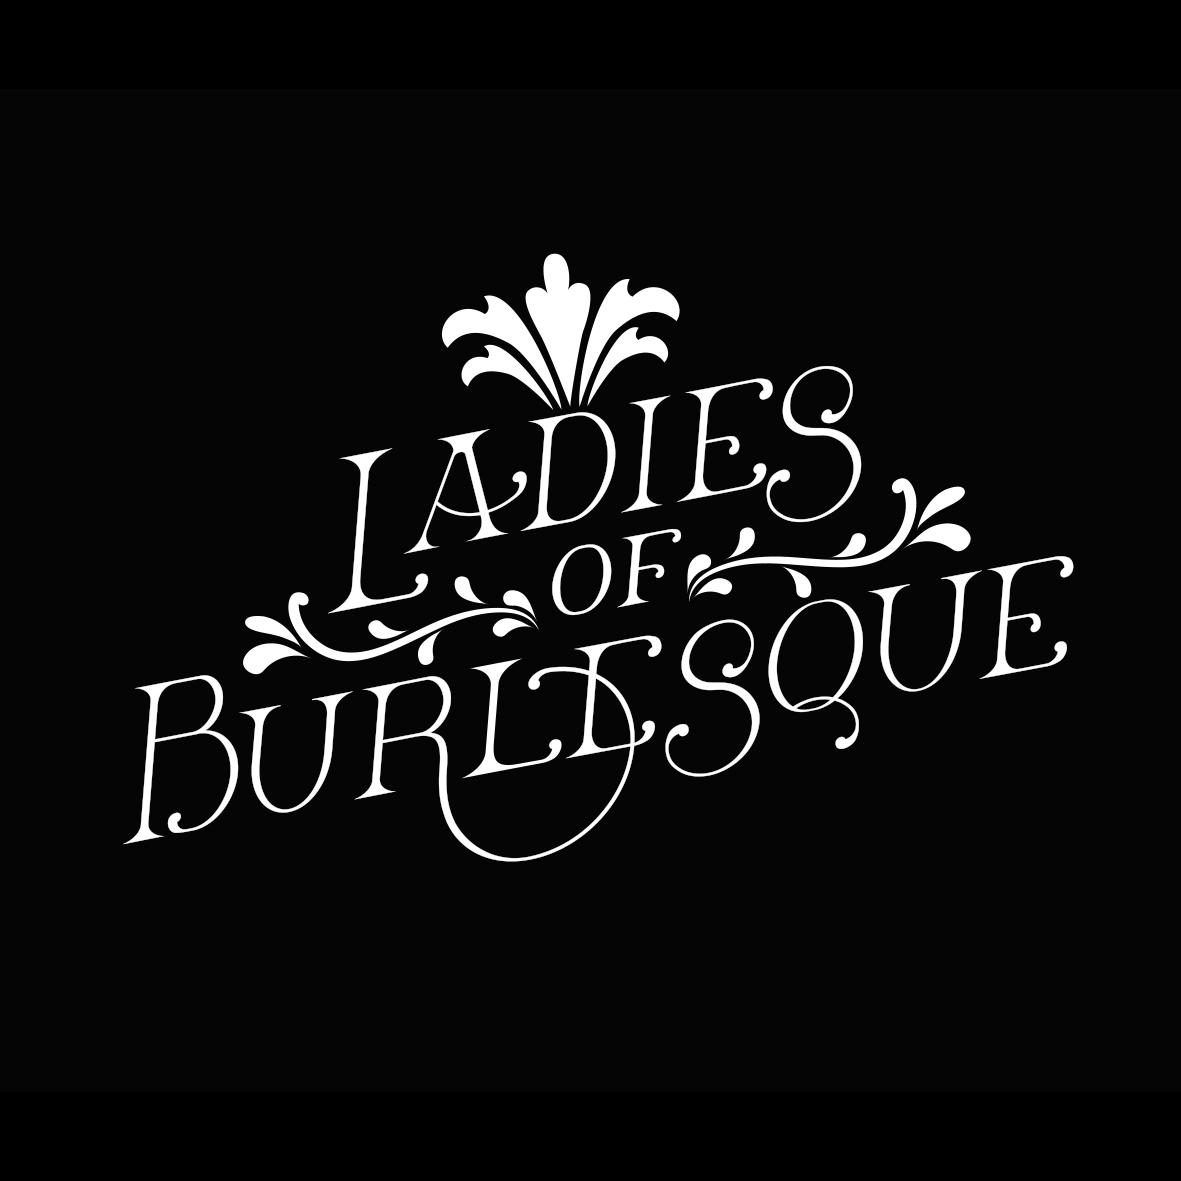 Ladies of Burlesque